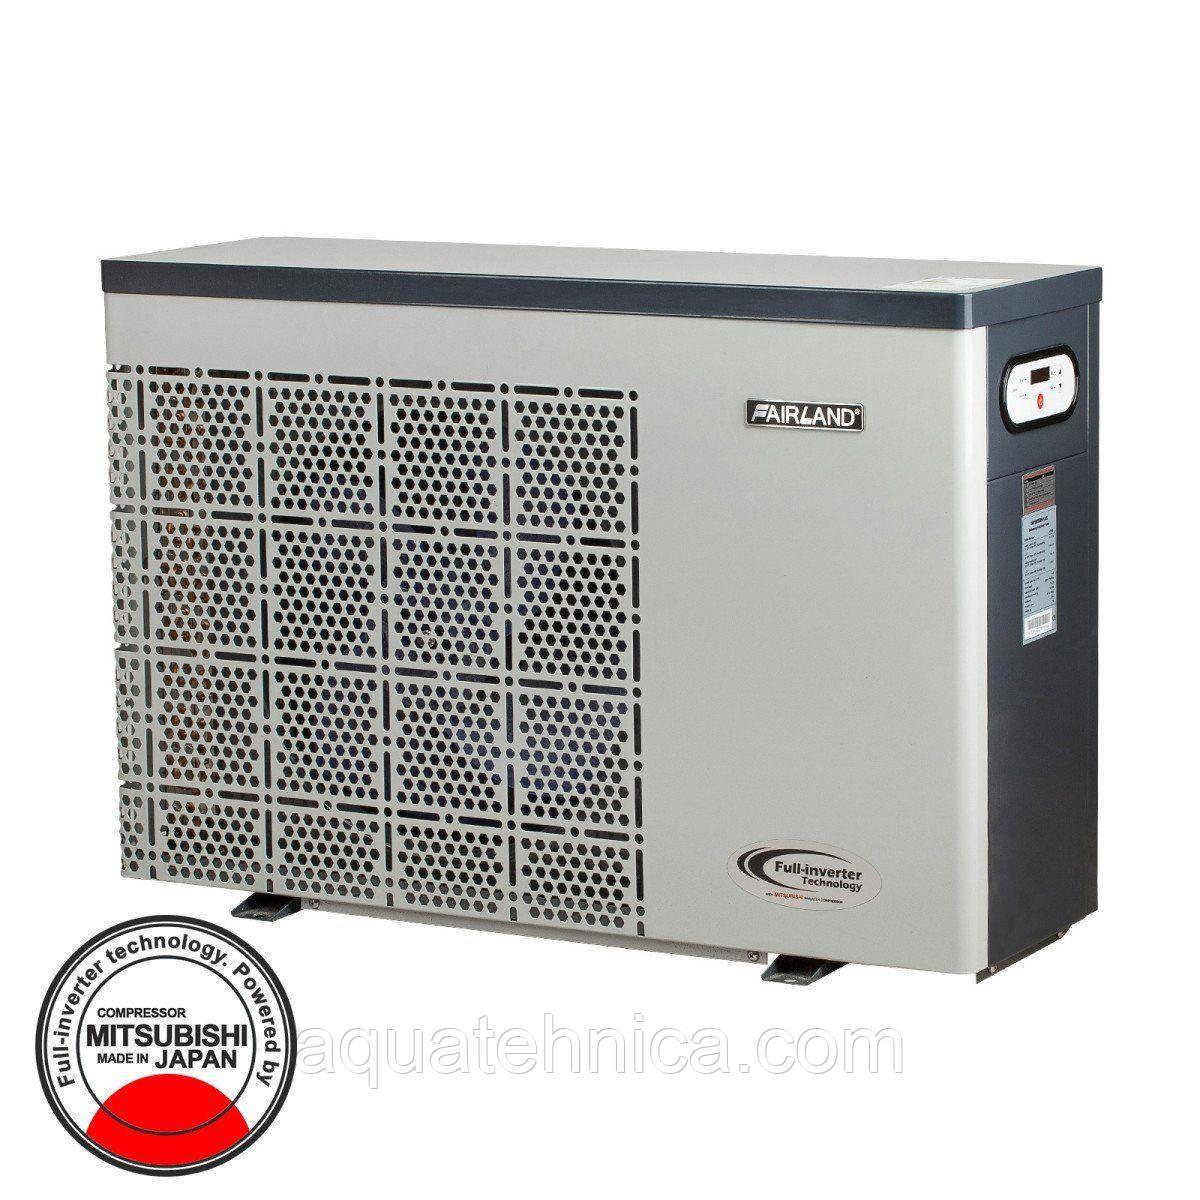 Тепловой инверторный насос для бассейна Fairland IPHC25 (тепло/холод, 10.0кВт)